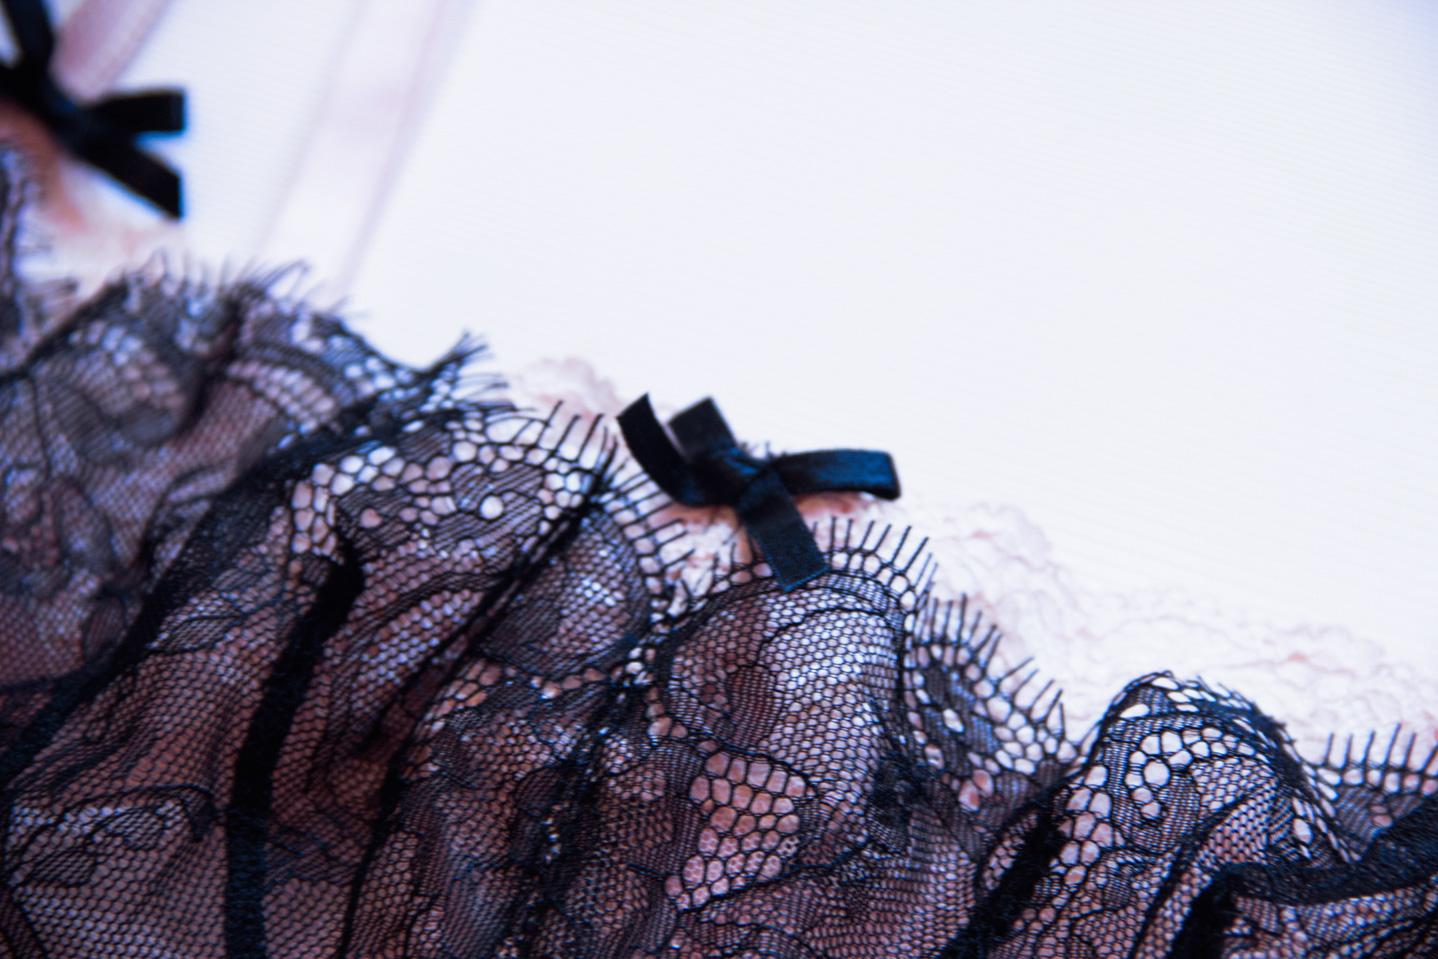 Рубрика «Будуарный гардероб» в журнале GB {Garterblog.ru}. Героиня – психолог Надежда Сологубова. Бюстгальтер и будуарная маска Incanto